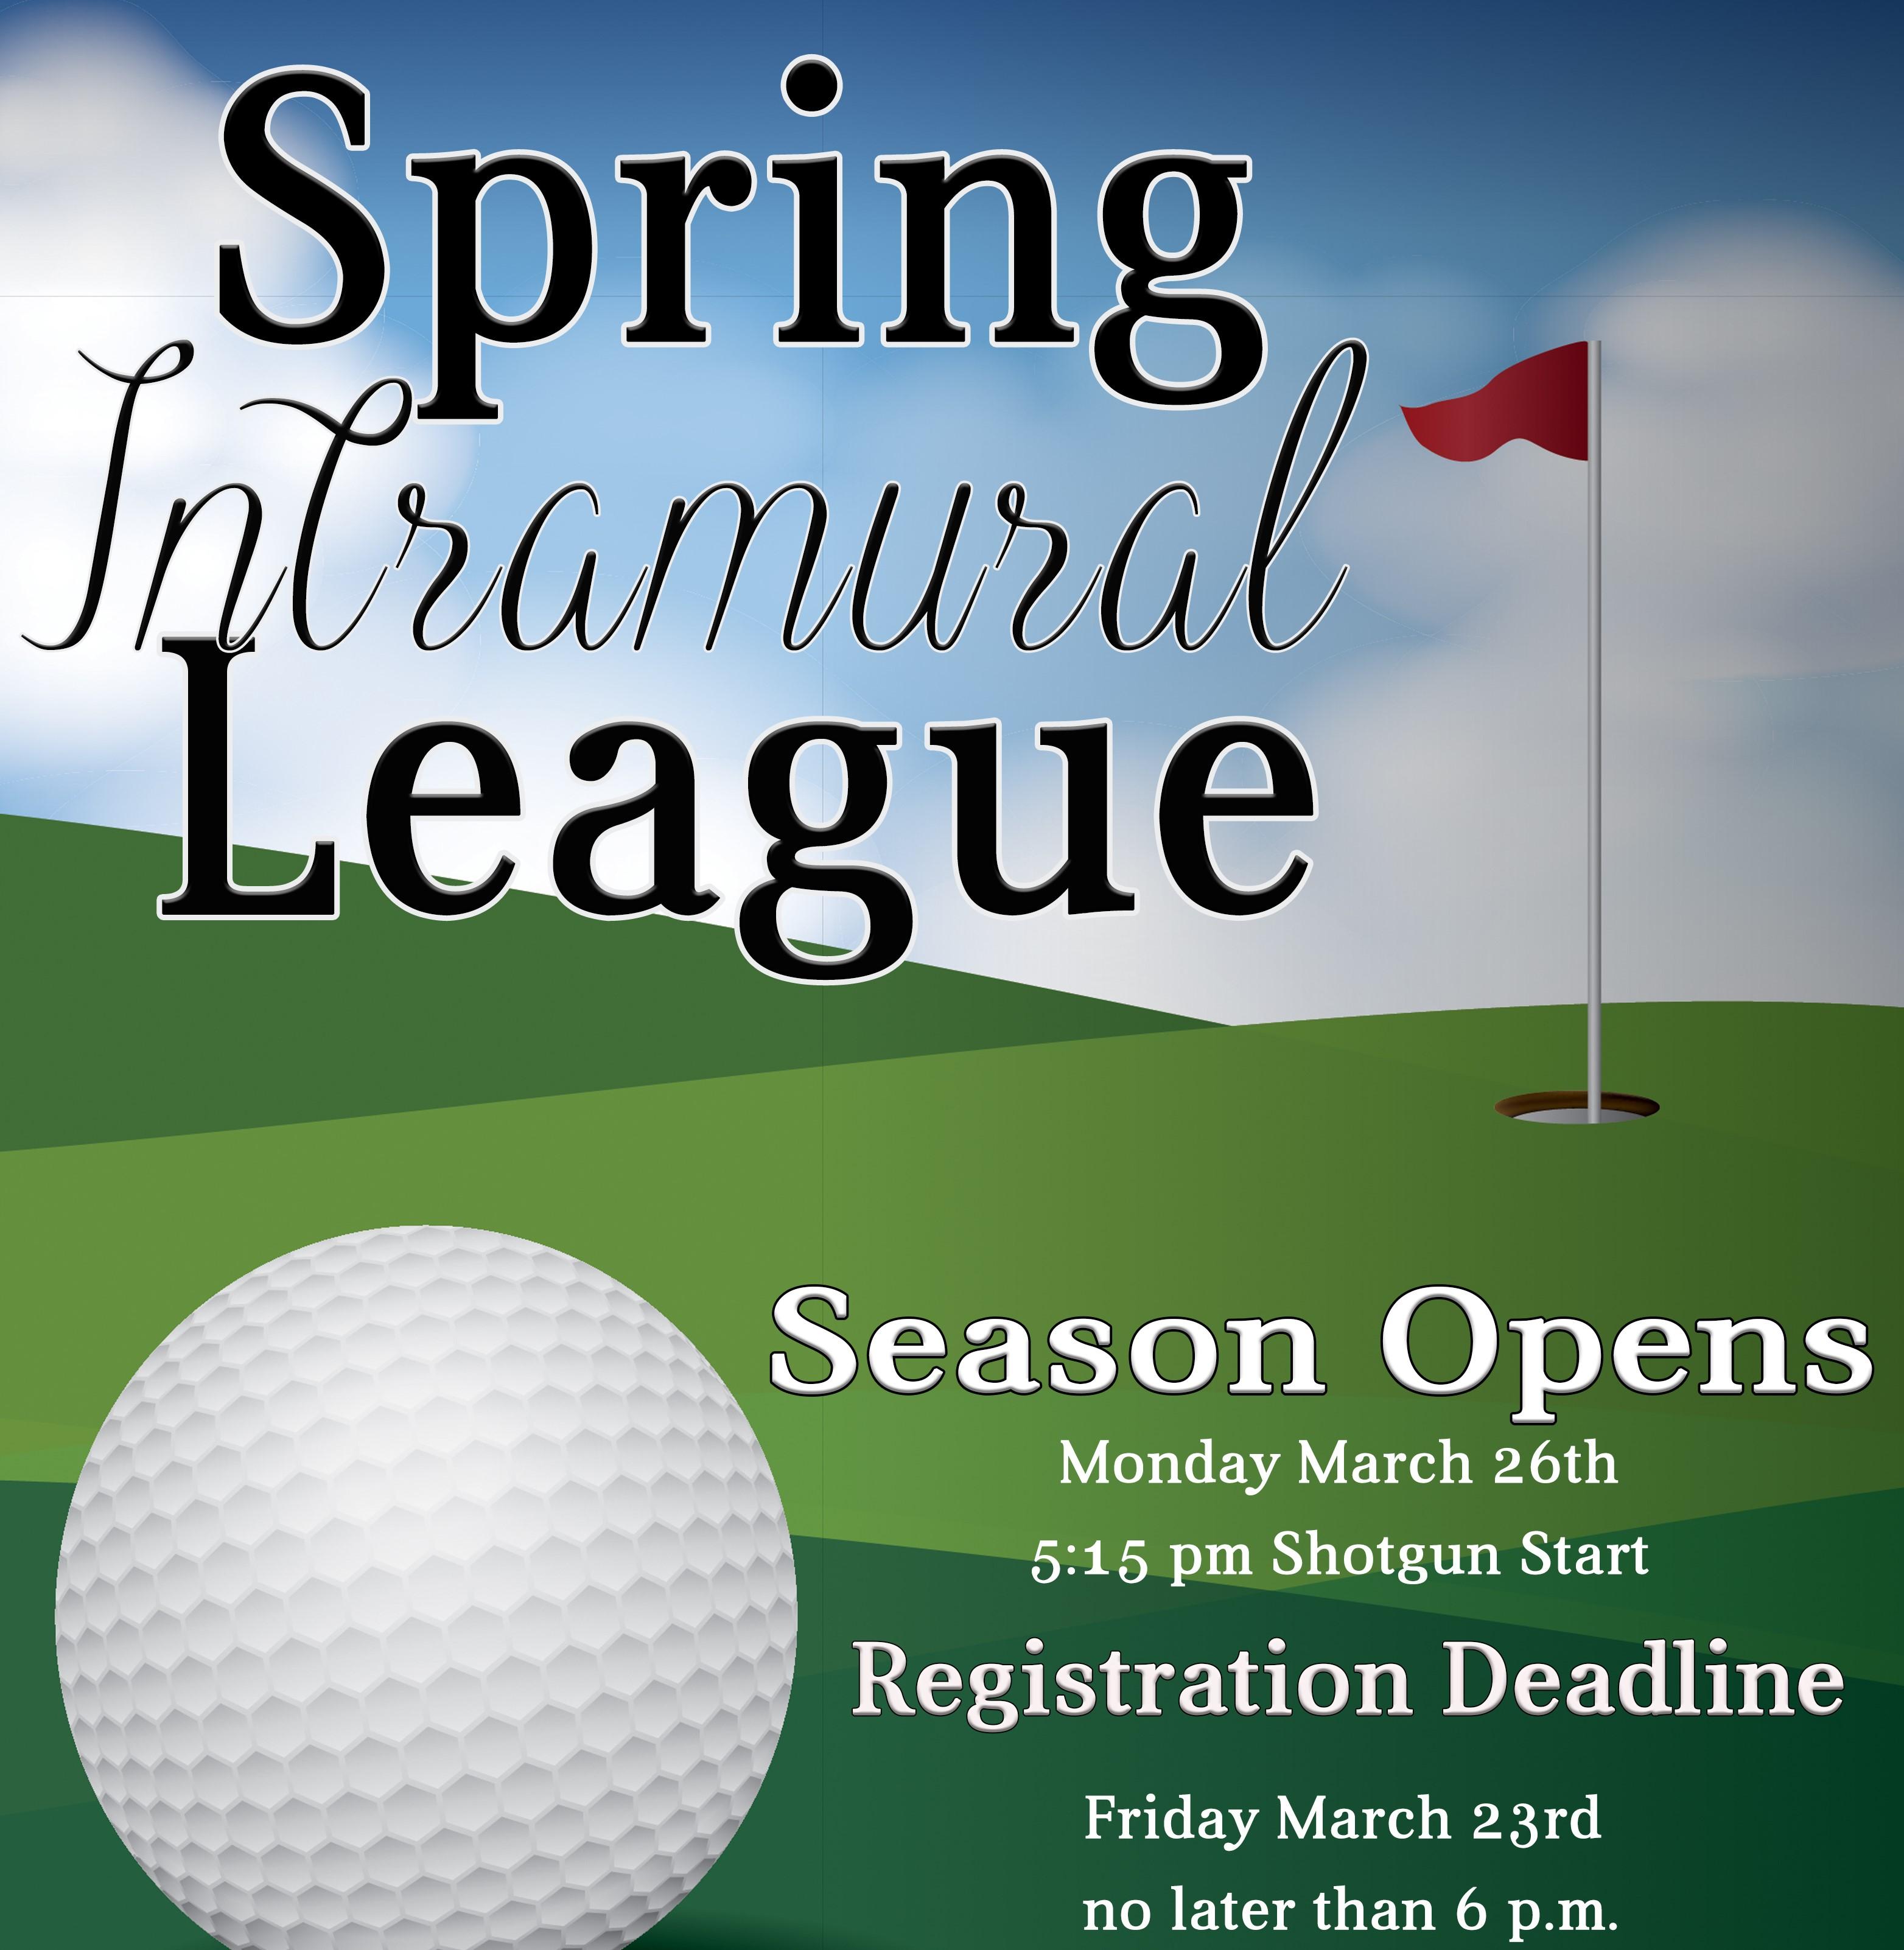 Spring Intramural League Registration Deadline